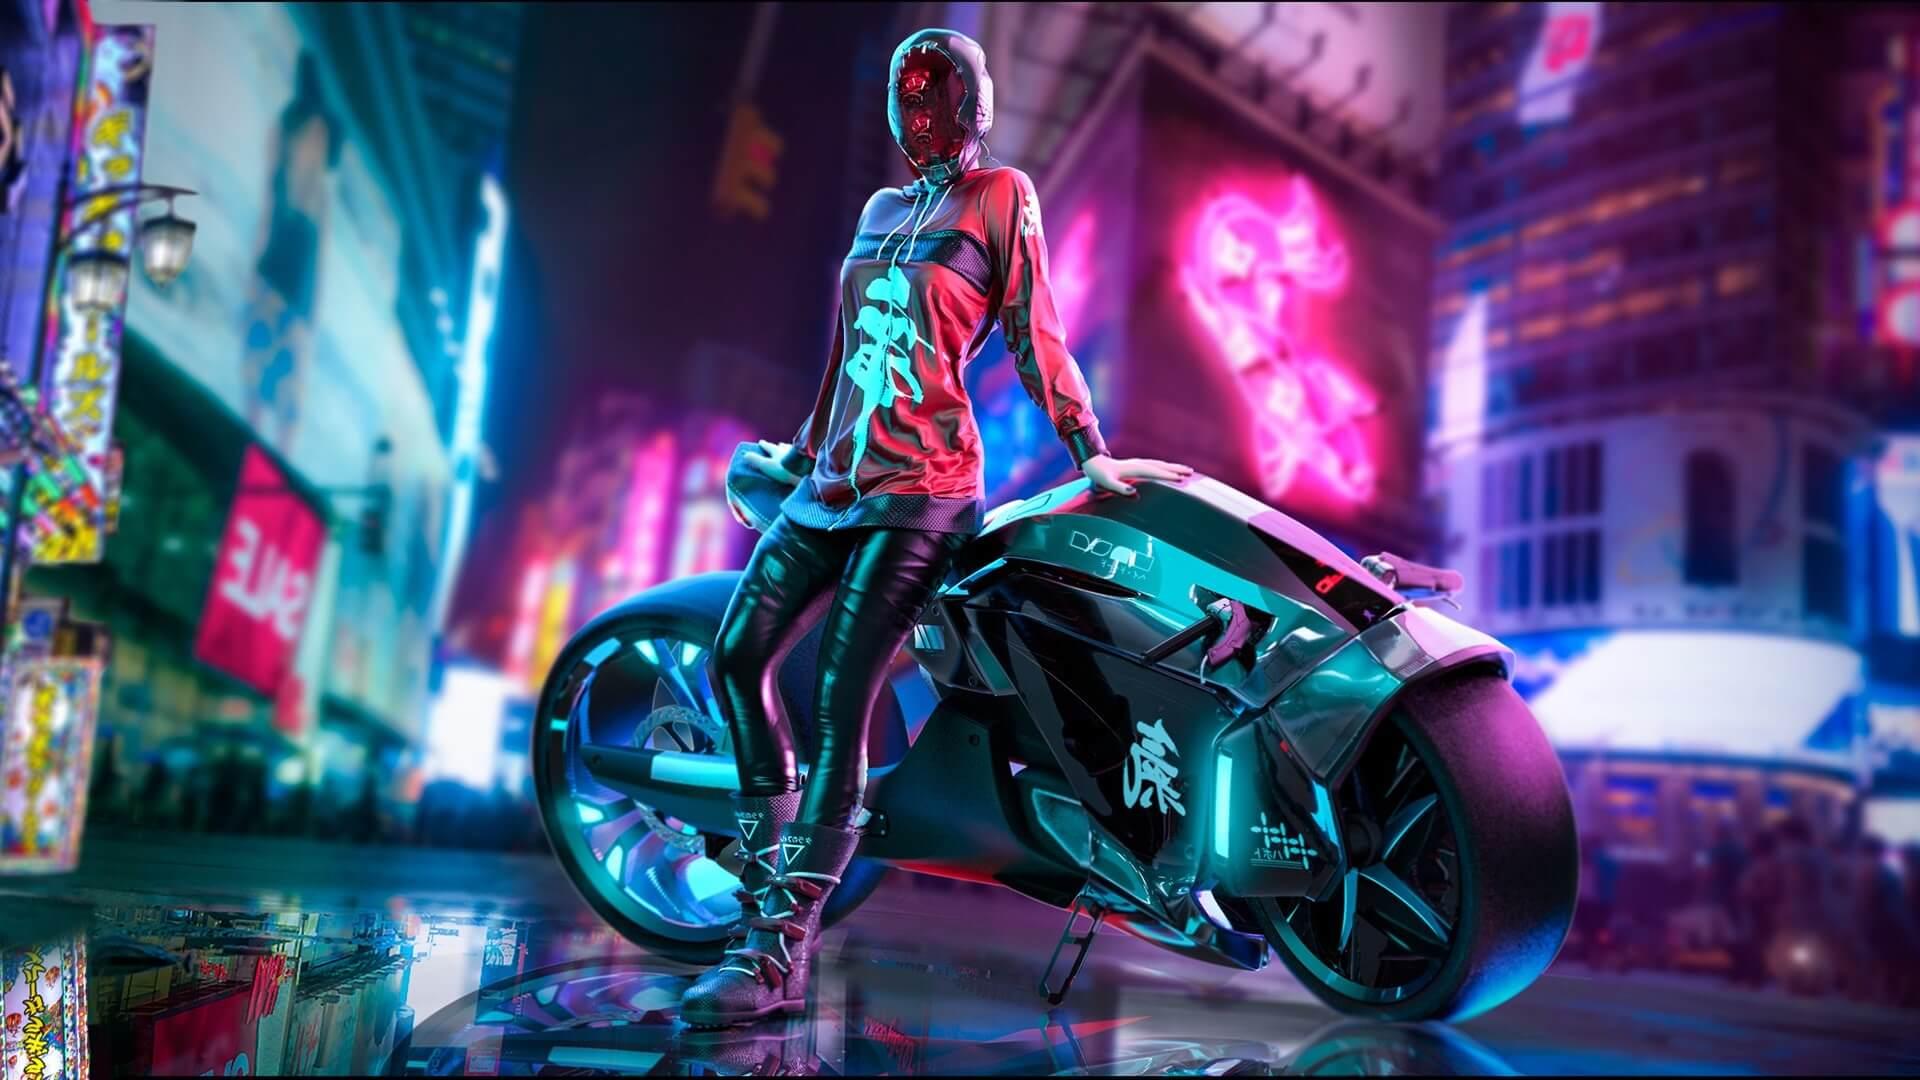 Cyberpunk 2077 city girl night